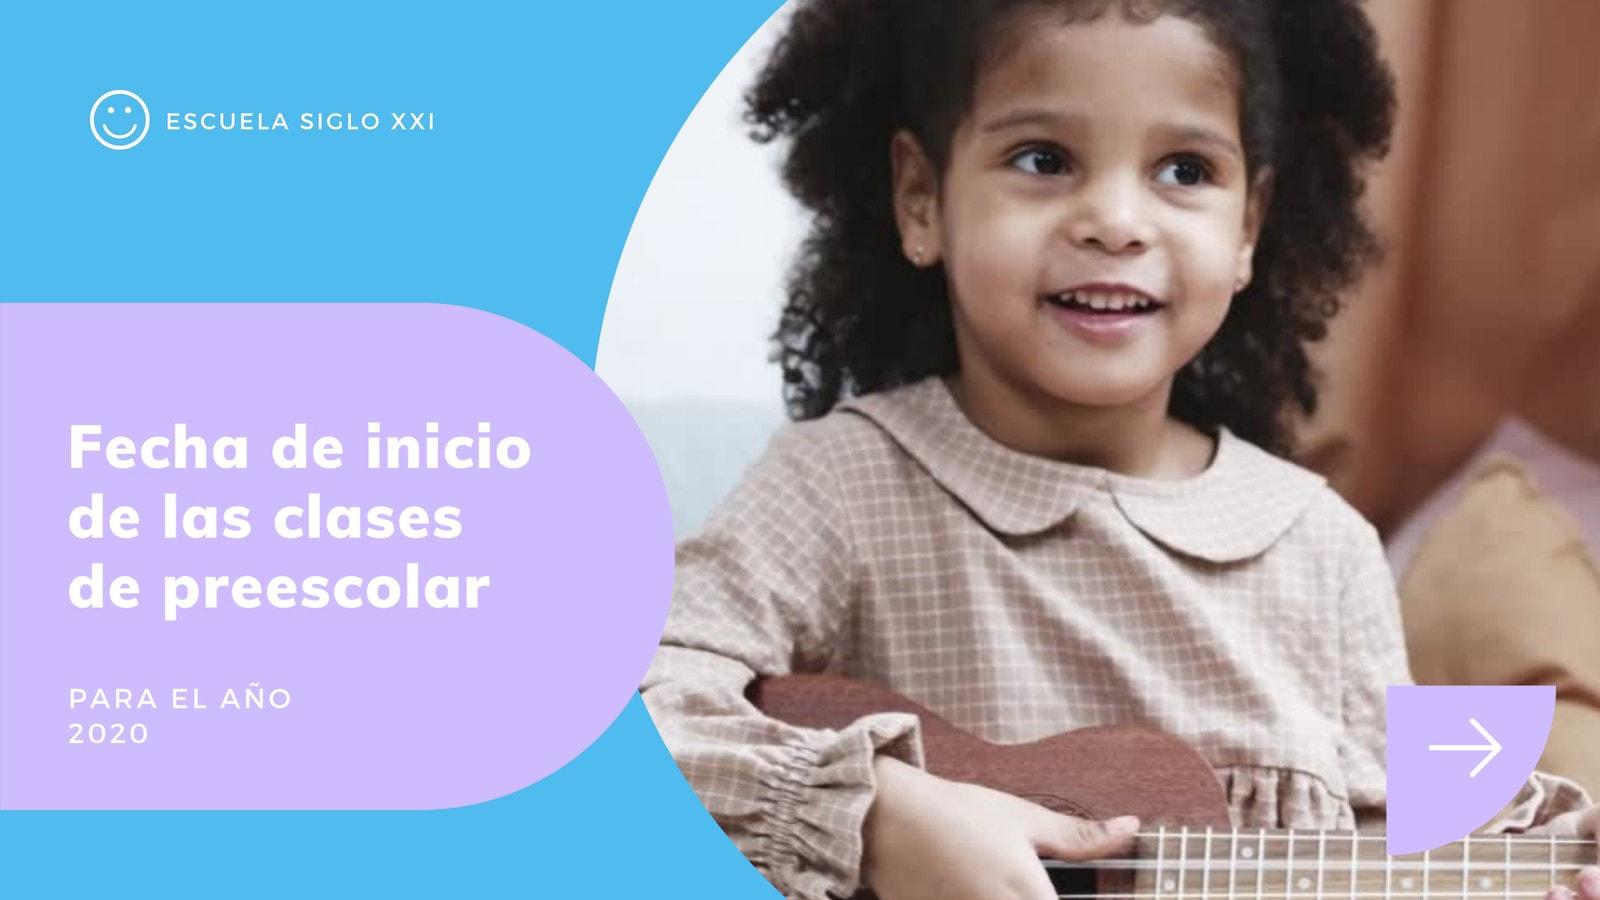 Azul, Púrpura y Blanco Escuelas/Teleaprendizaje Video de 16:9